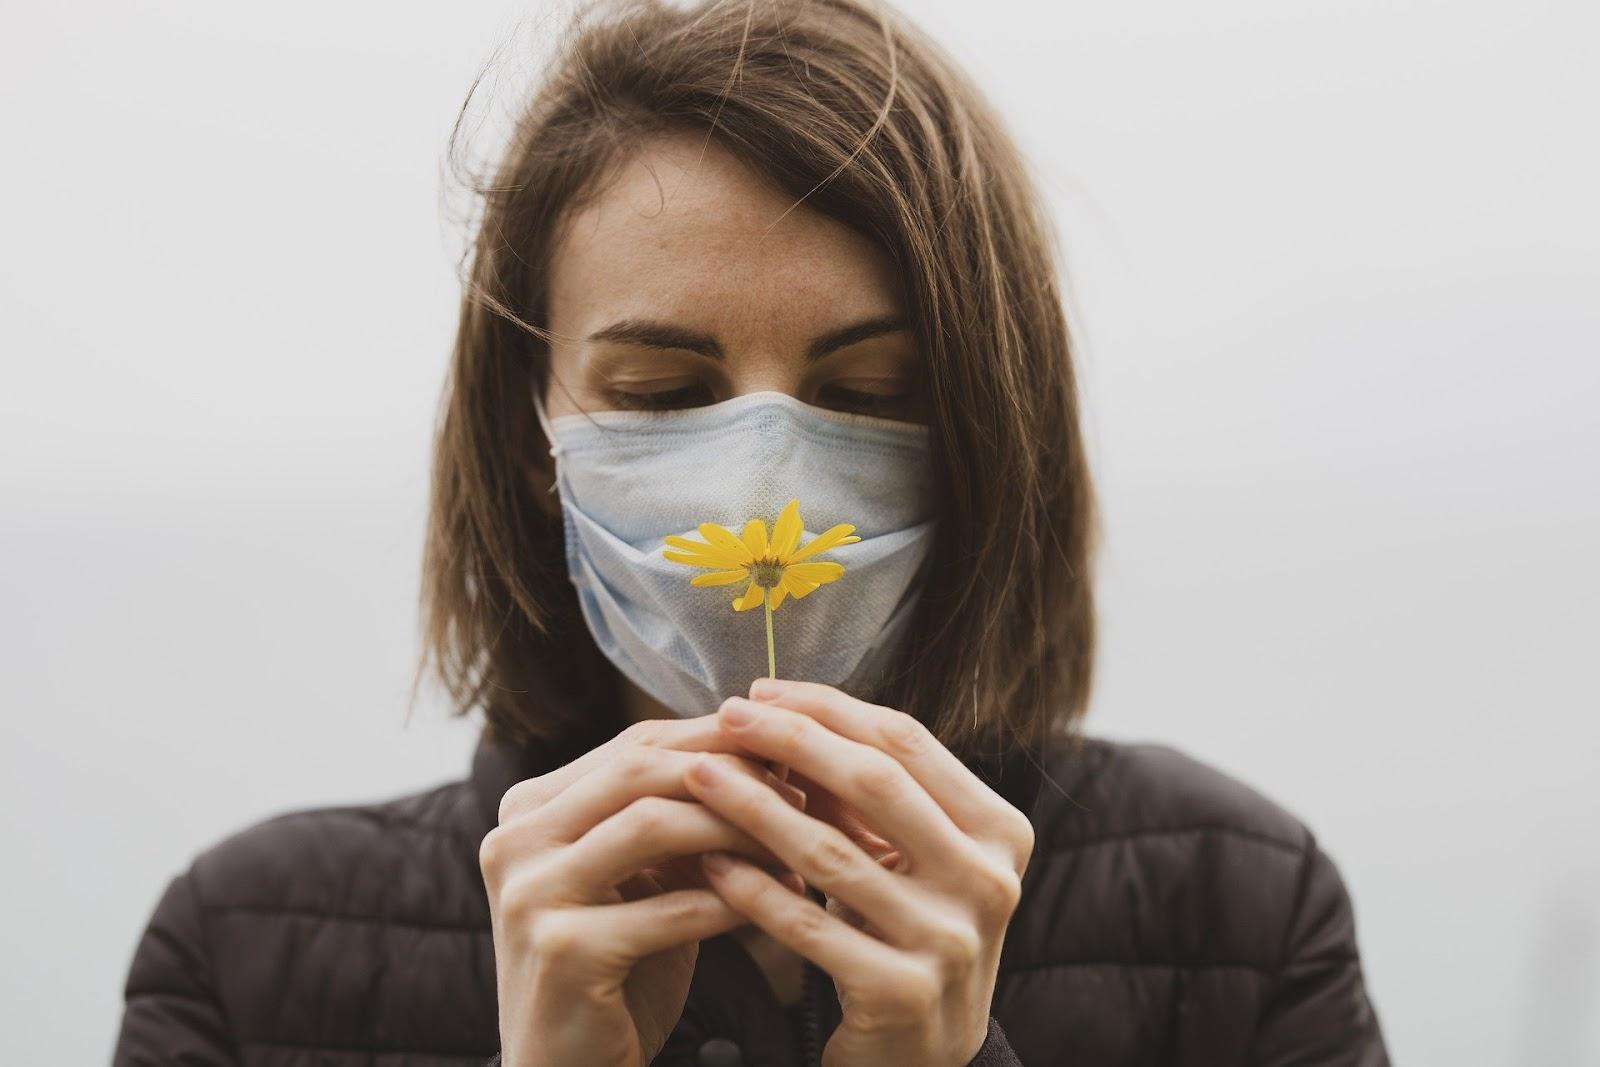 Perda de olfato é sequela recorrente em recuperados de covid-19.